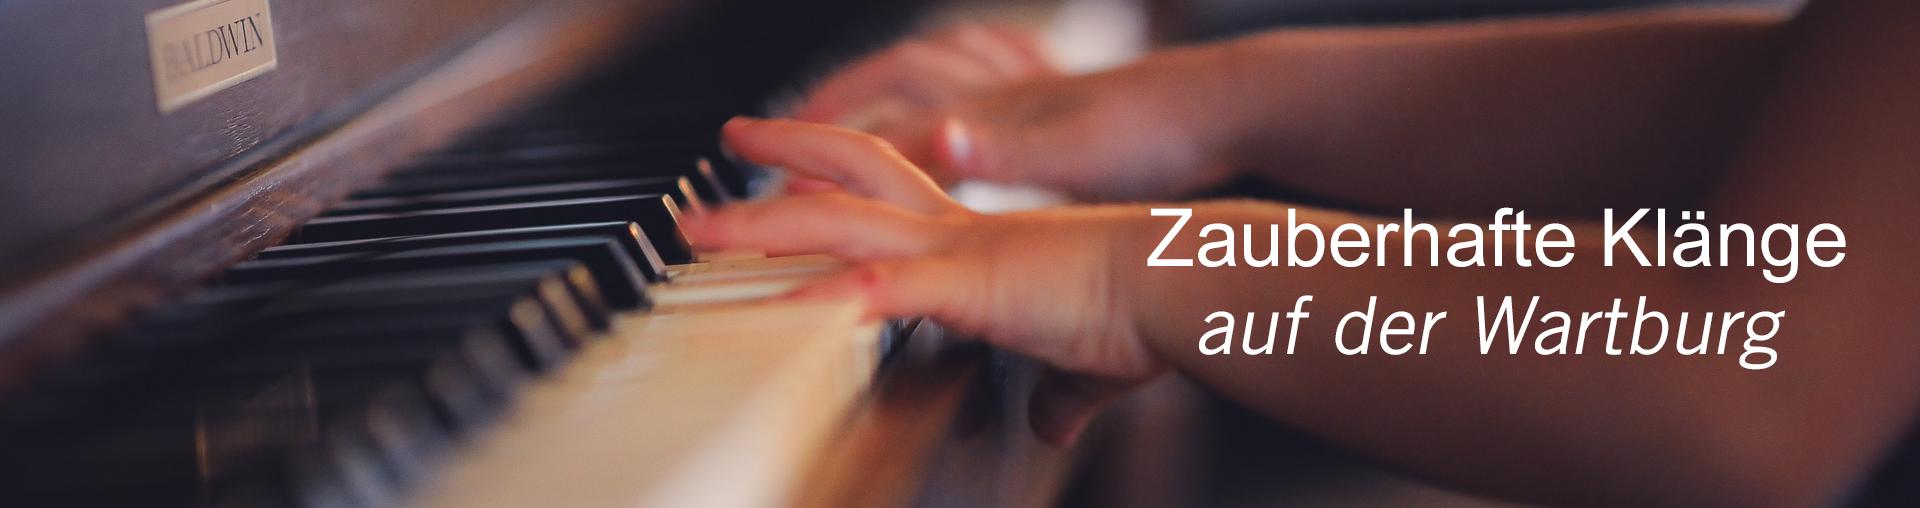 Angebot Konzert auf der Wartburg mit Inklusiv-Leistungen im Wartburghotel in Eisenach